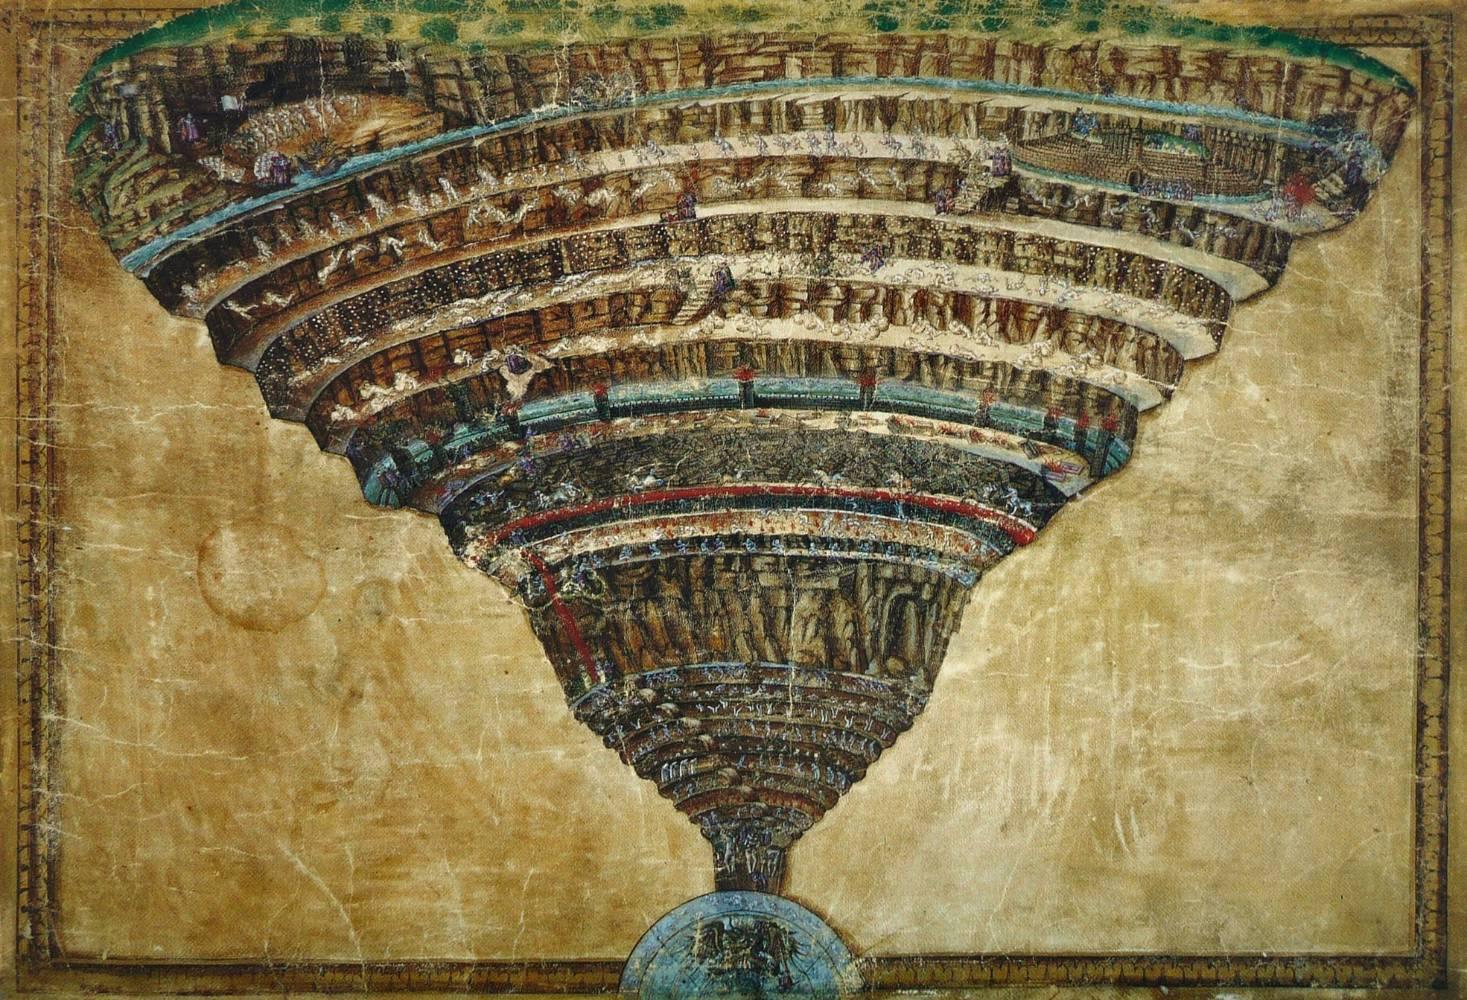 Dante Allghieri